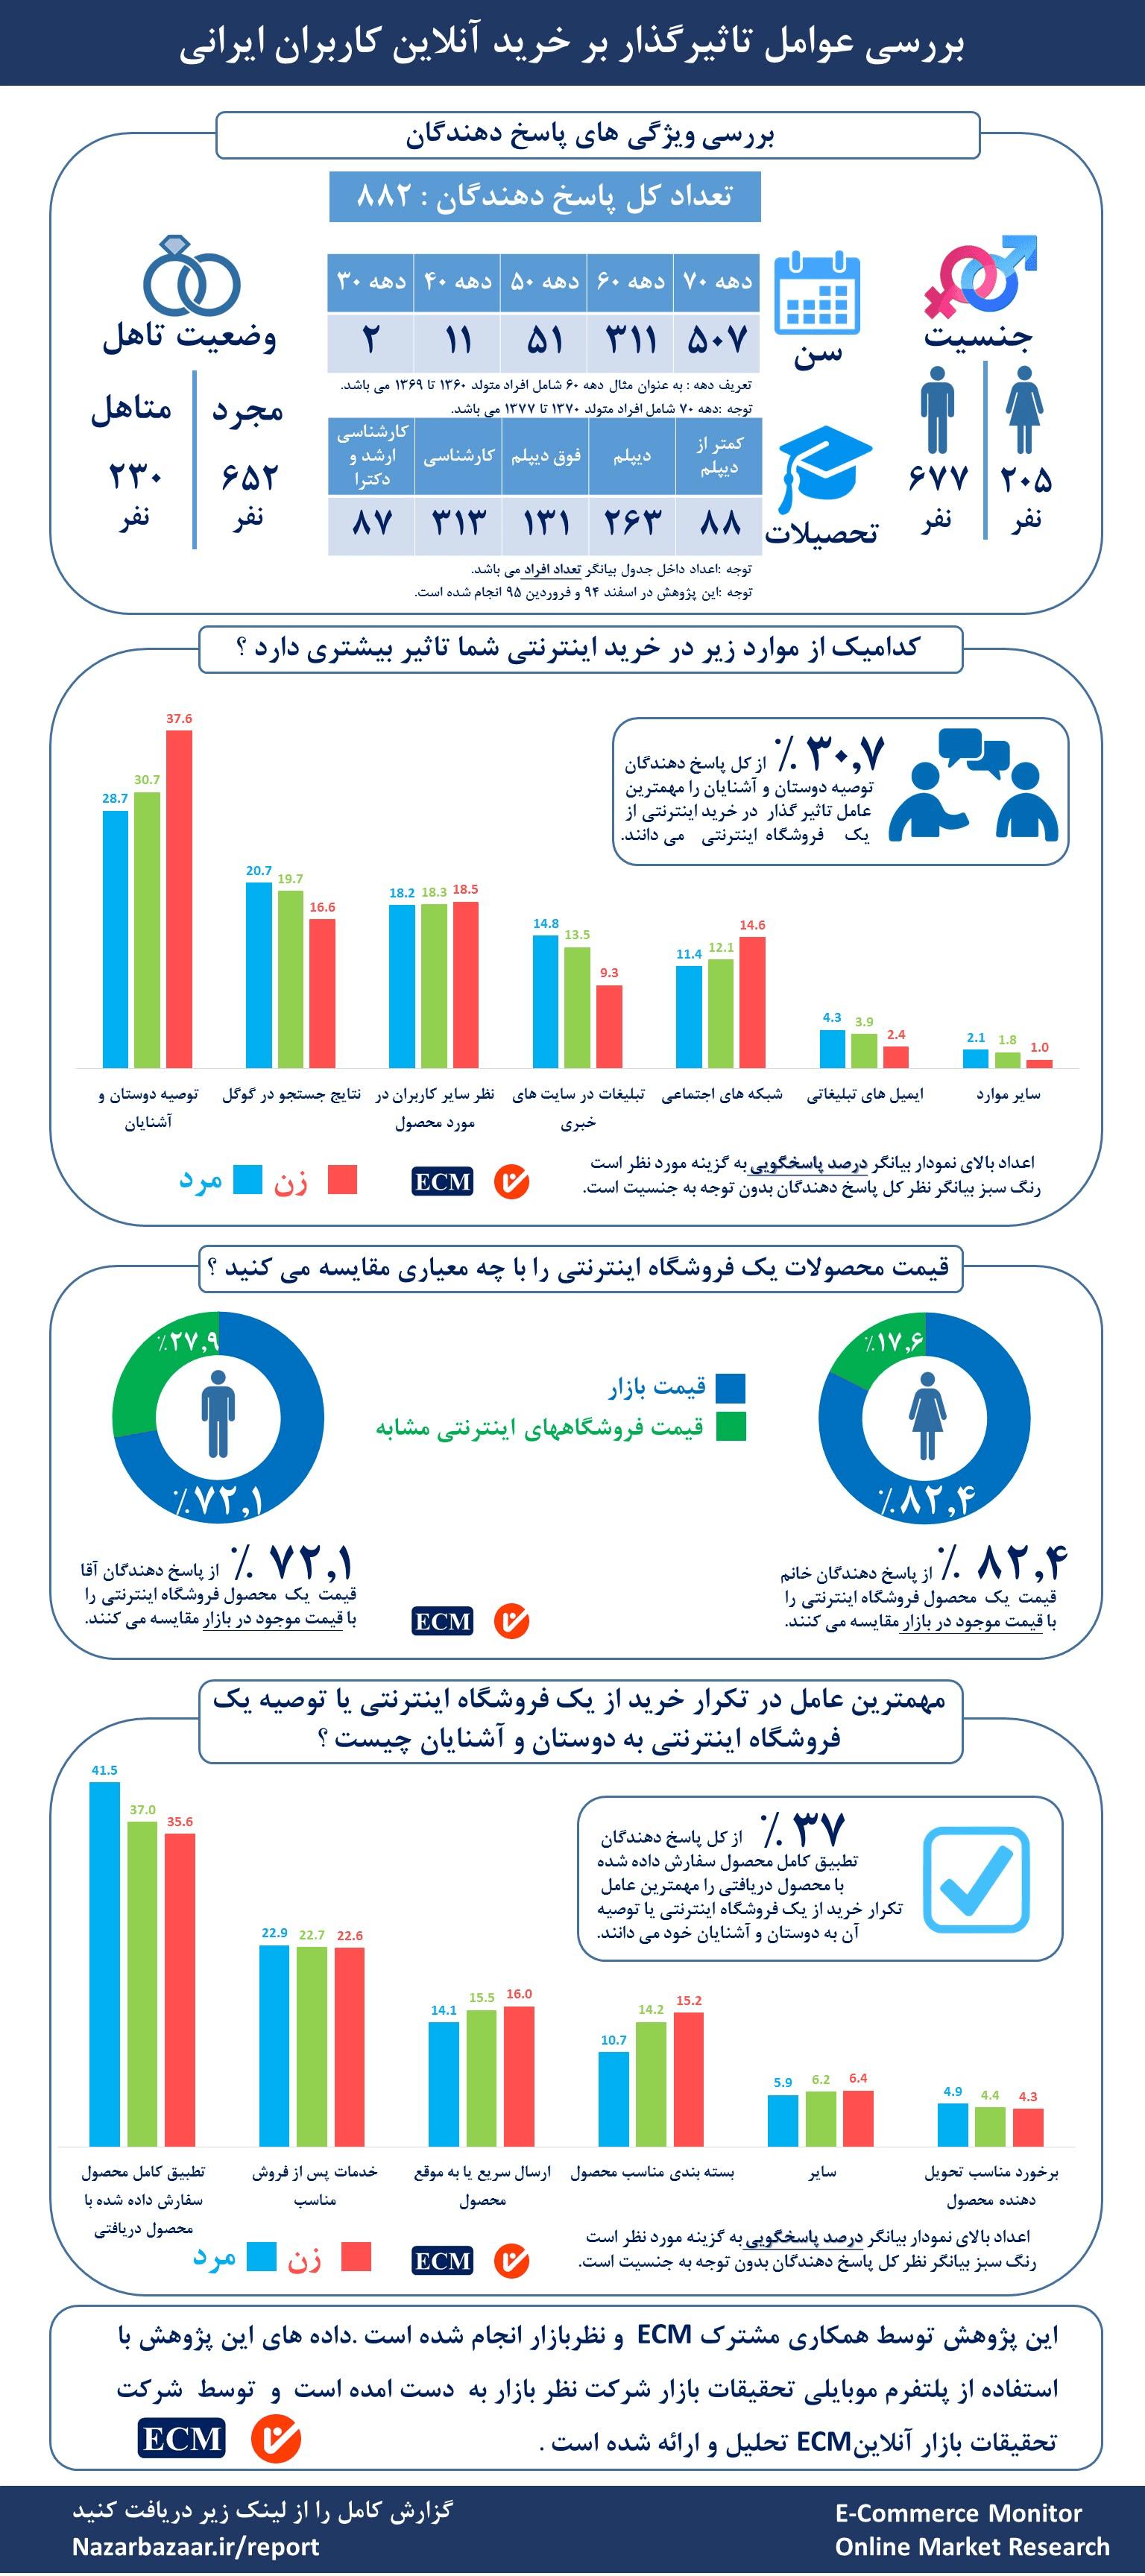 nazarbazaar-ecm-online-purchase-infography